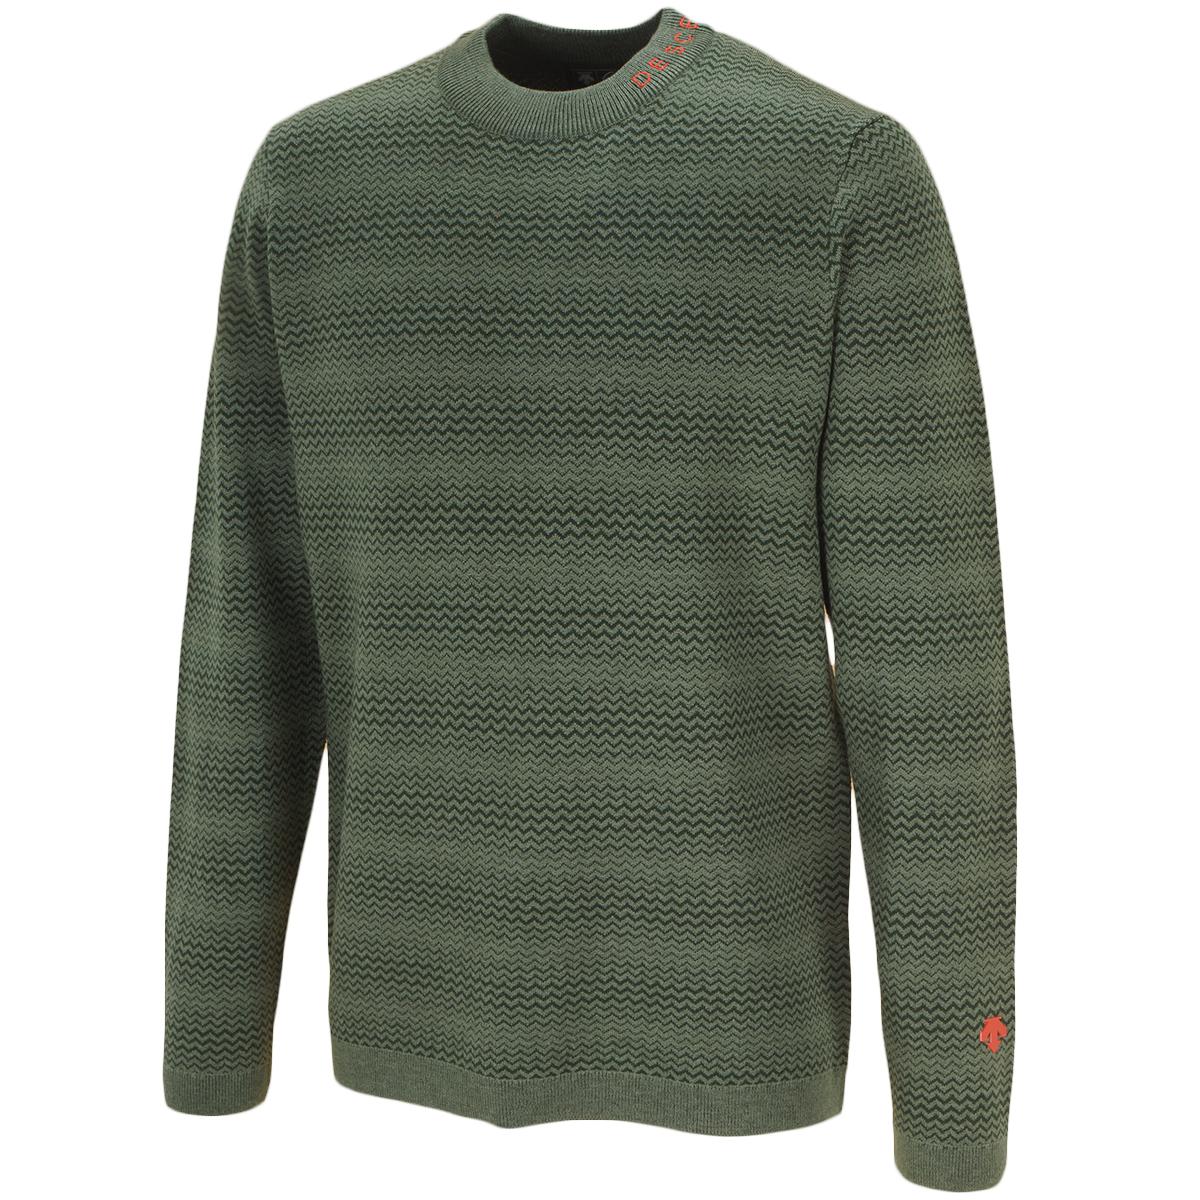 スピリットレイヤードウールジャカードセーター